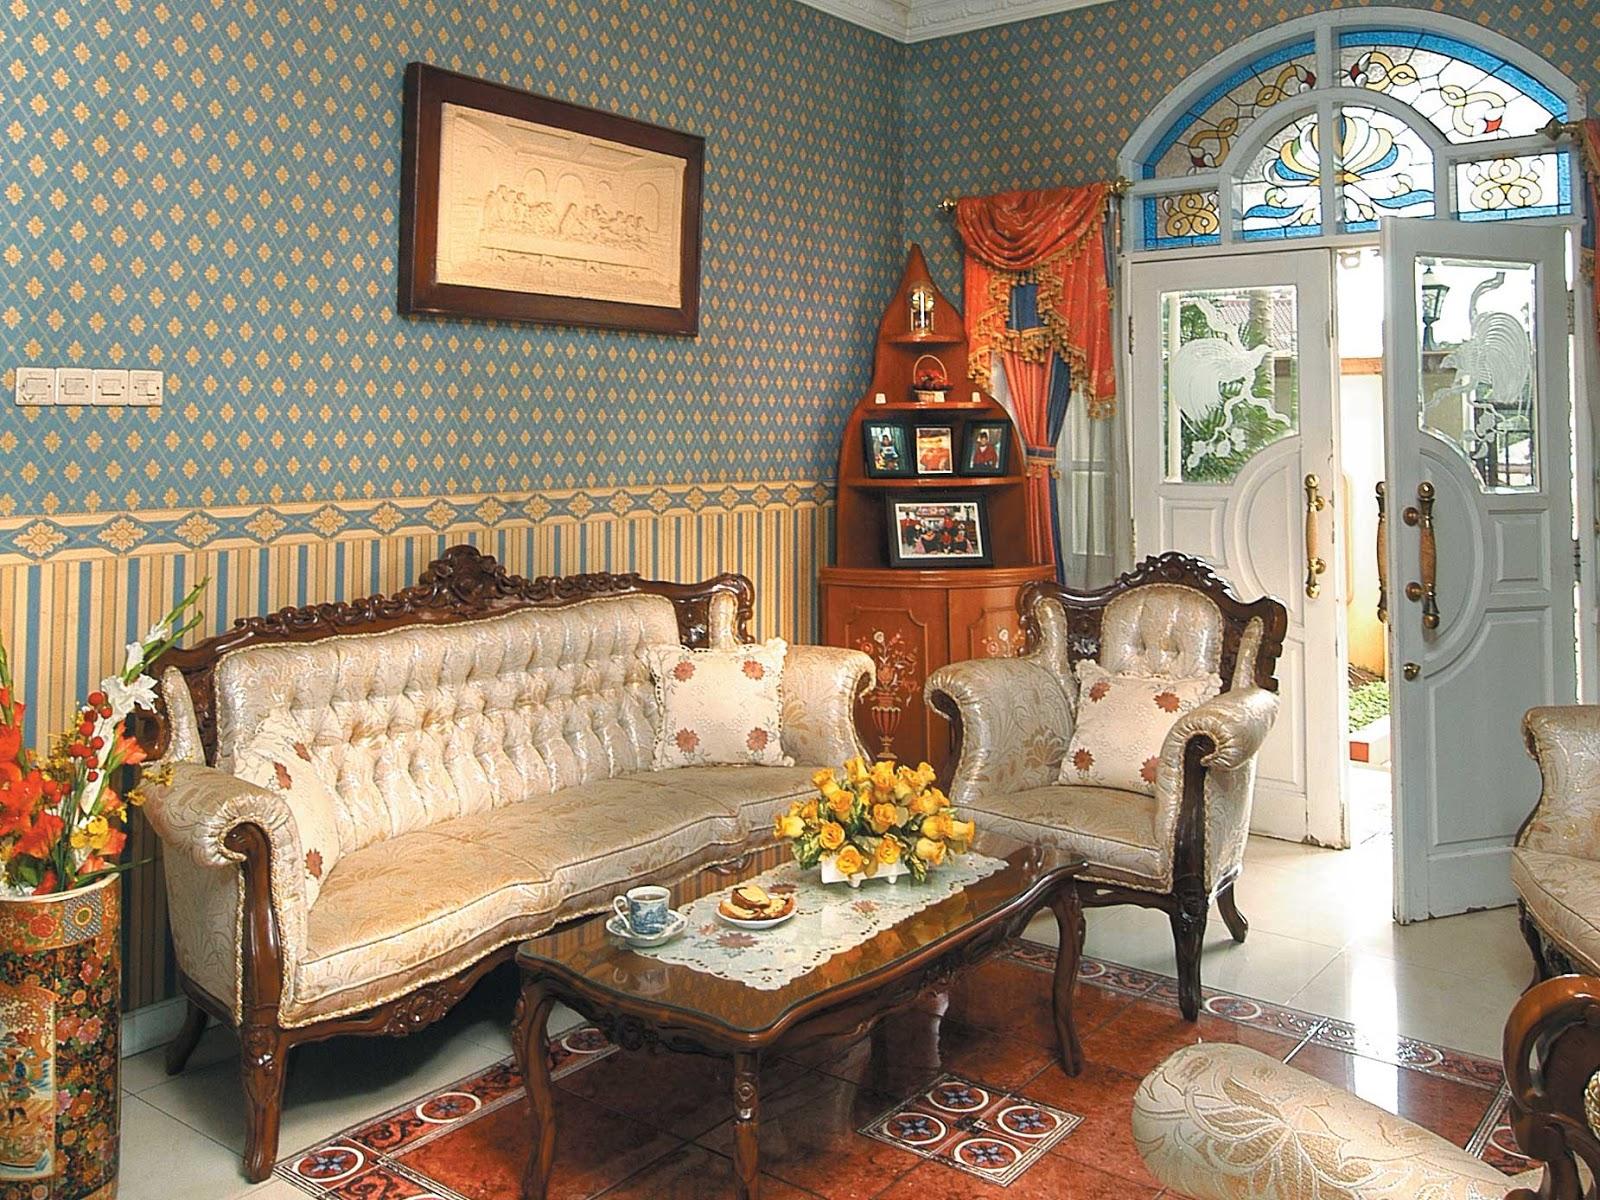 60 Desain Ruang Tamu Klasik Desainrumahnyacom